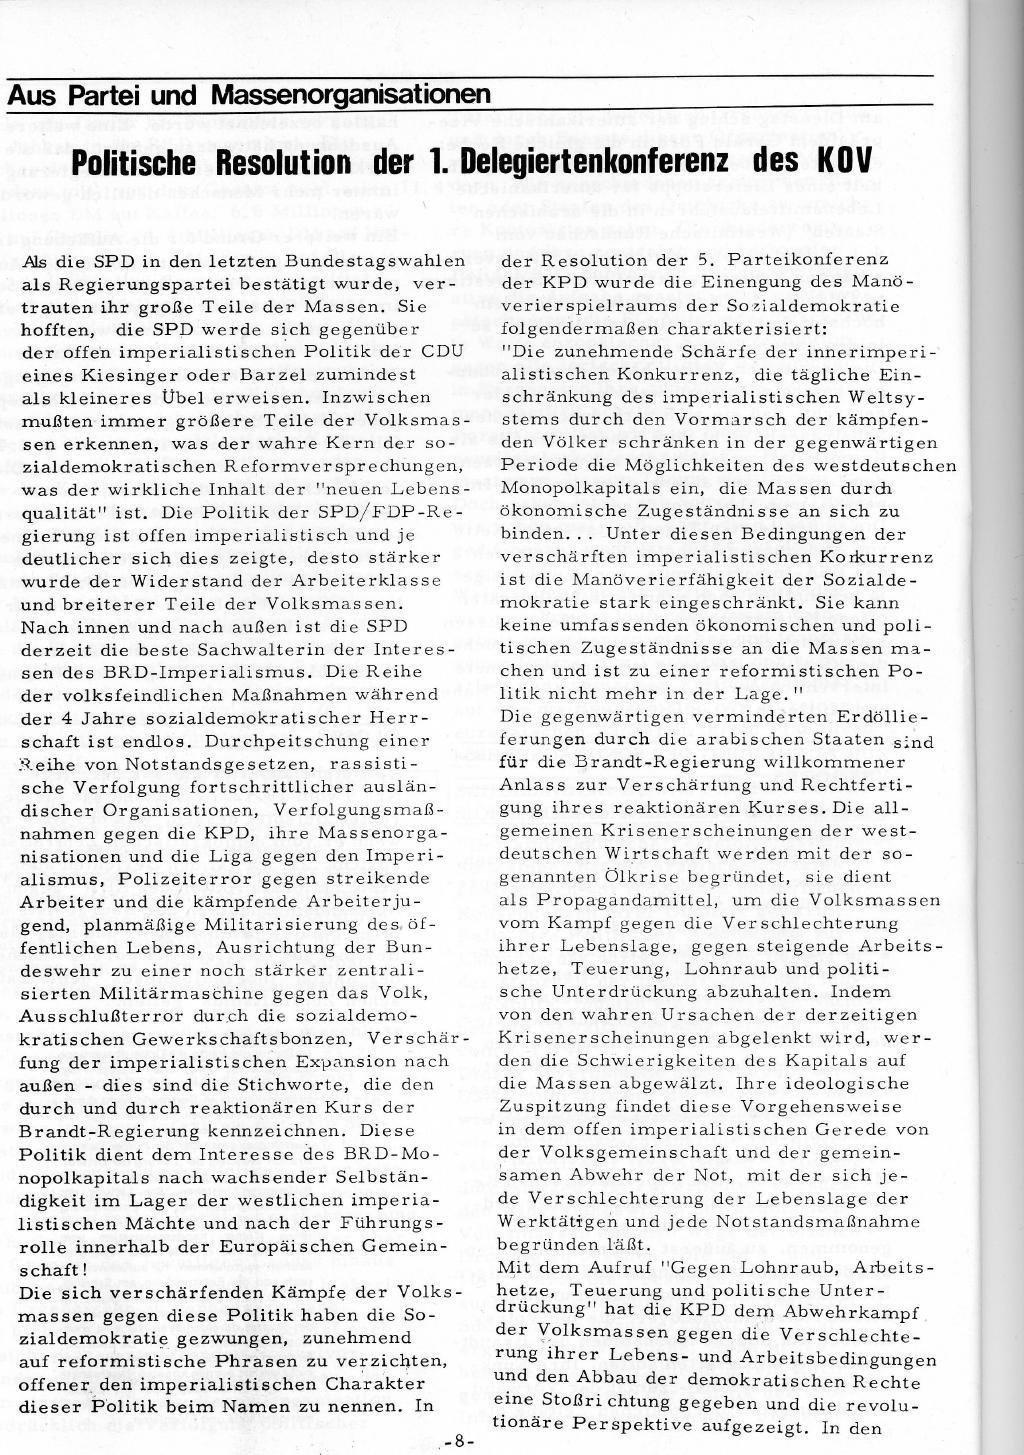 RPK_1974_01_02_08